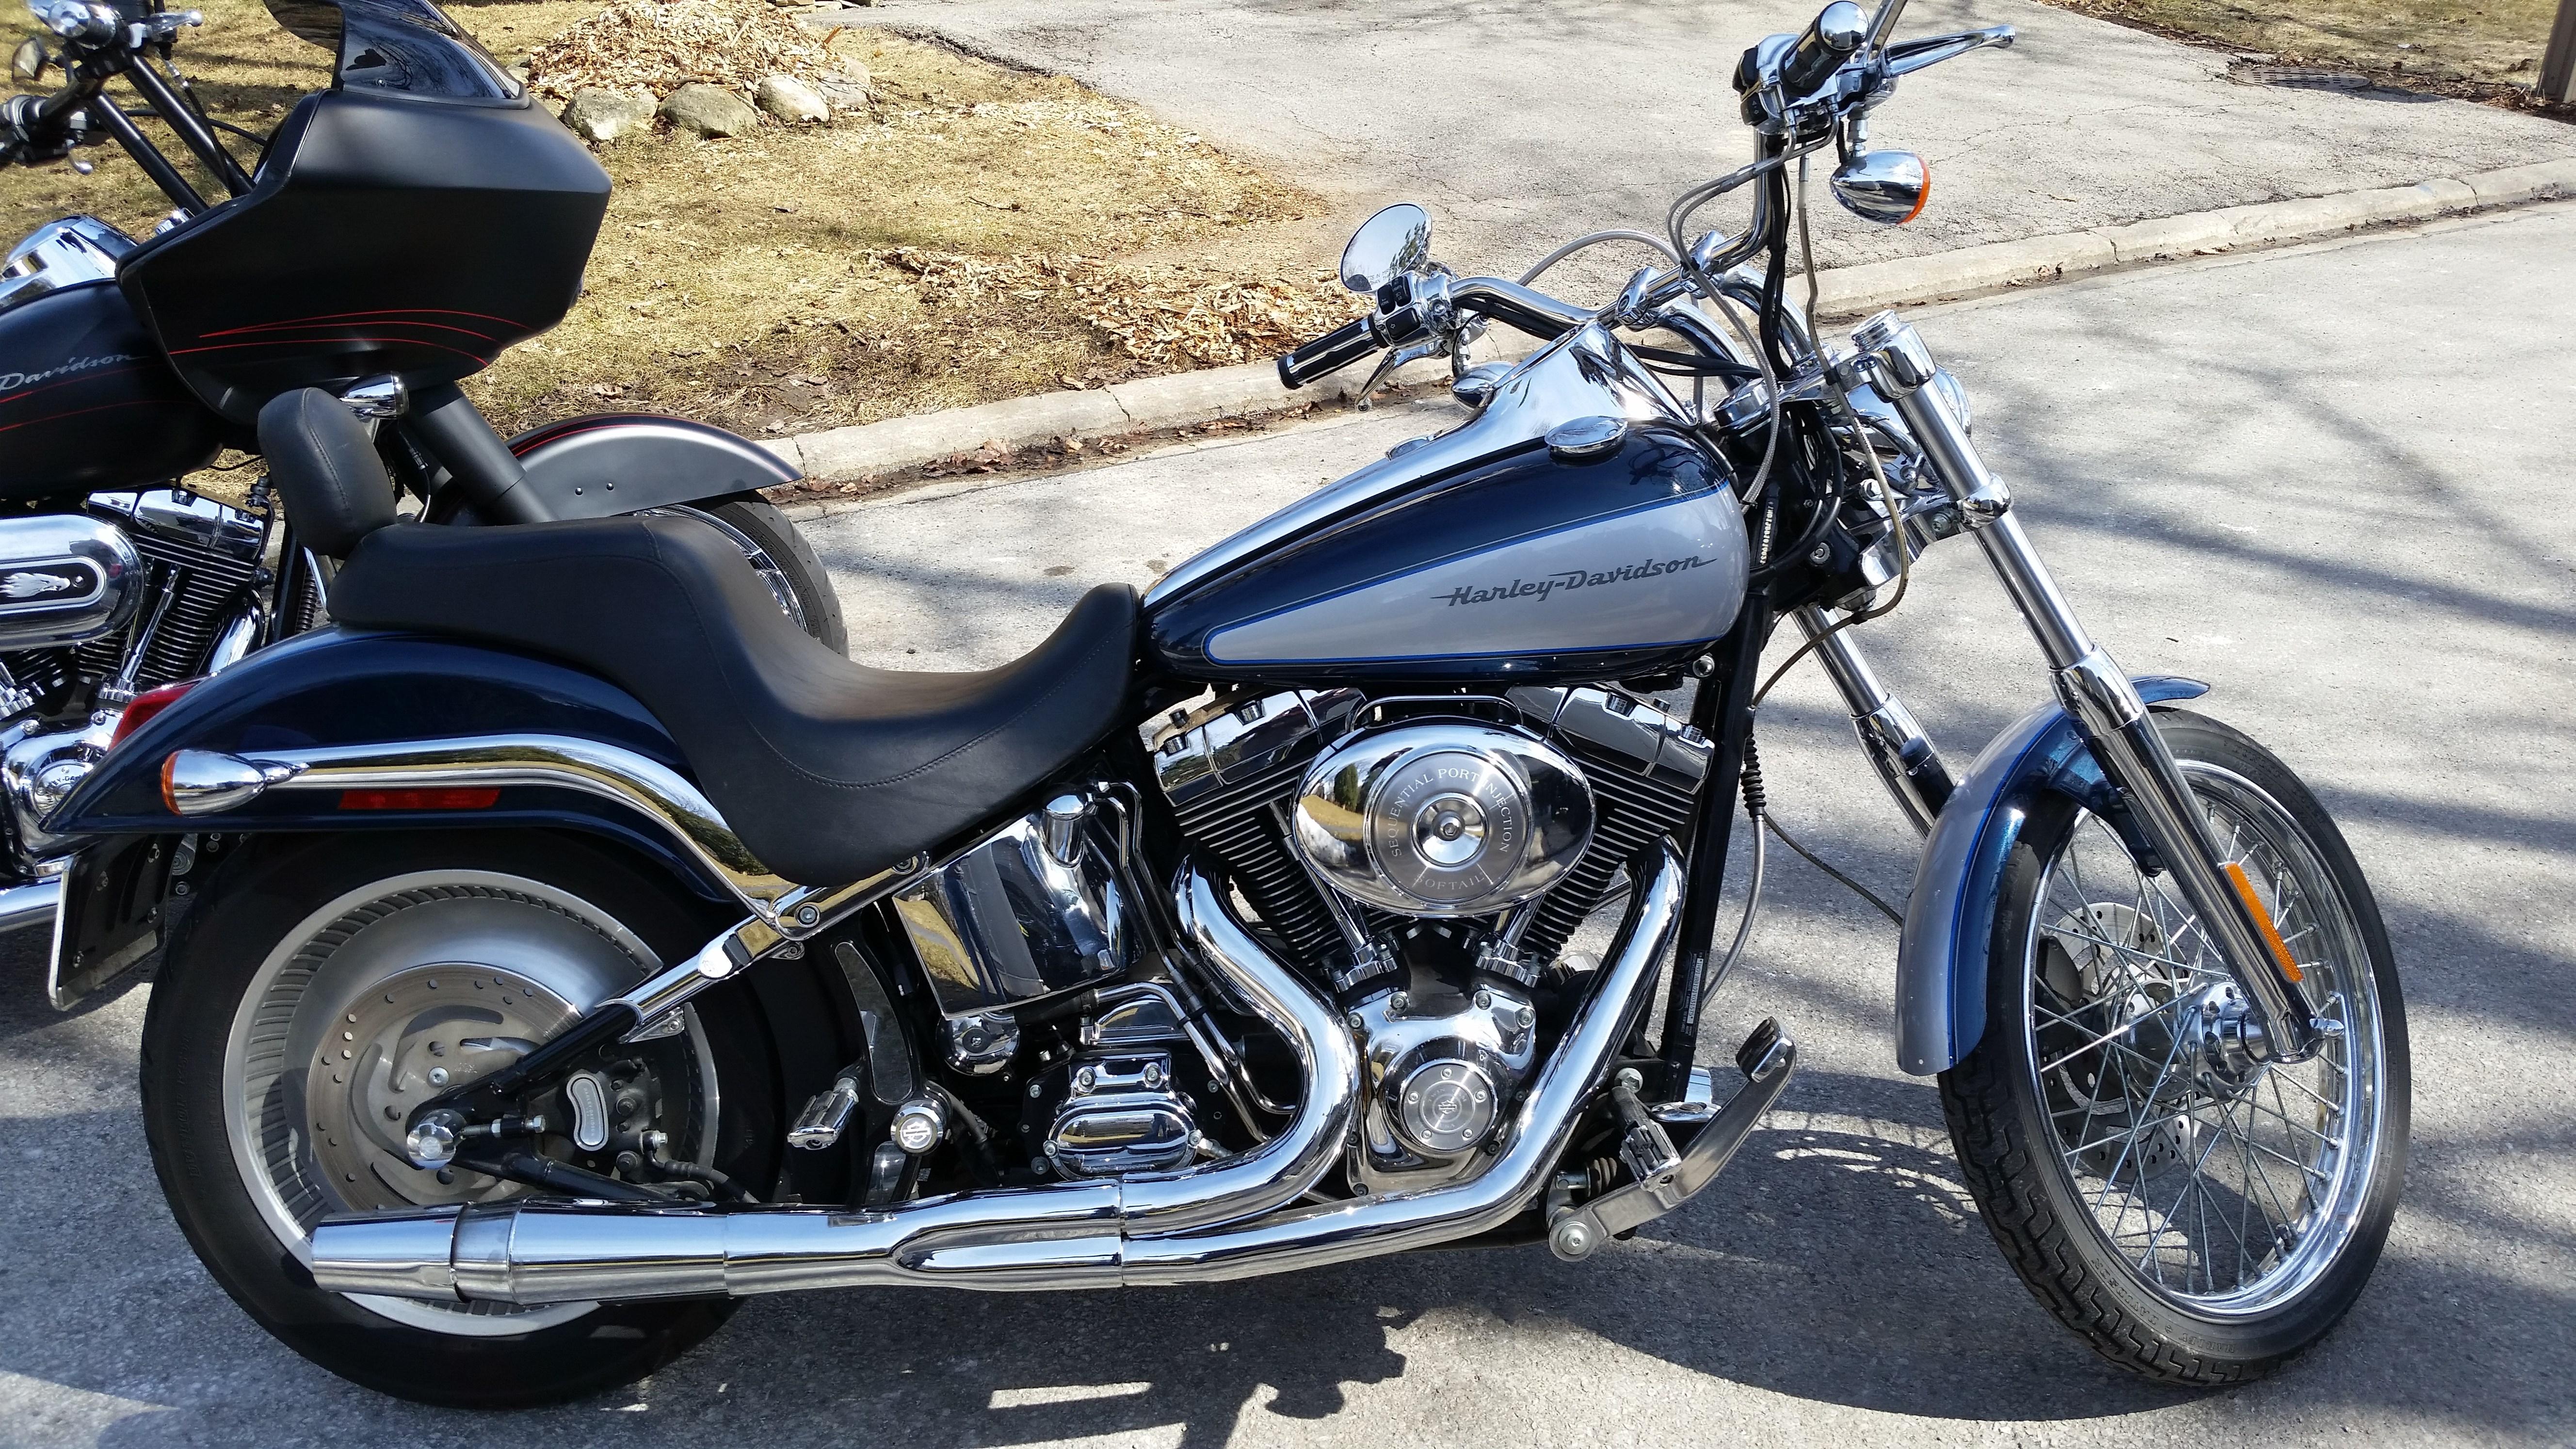 2001 Harley I Softail U00ae Deuce U2122  Silver  Blue